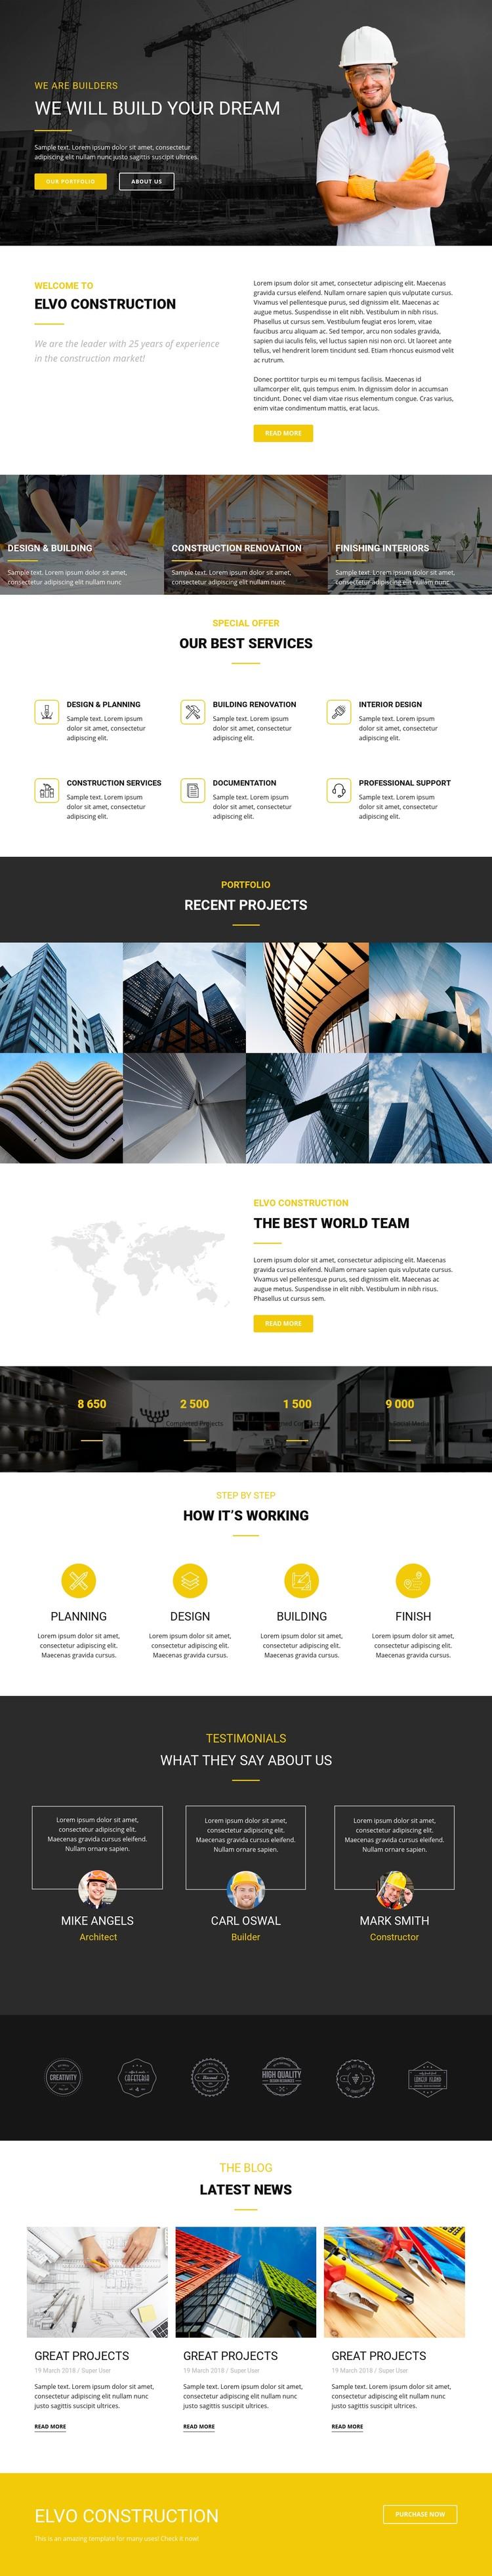 Build your dream industrial Website Creator